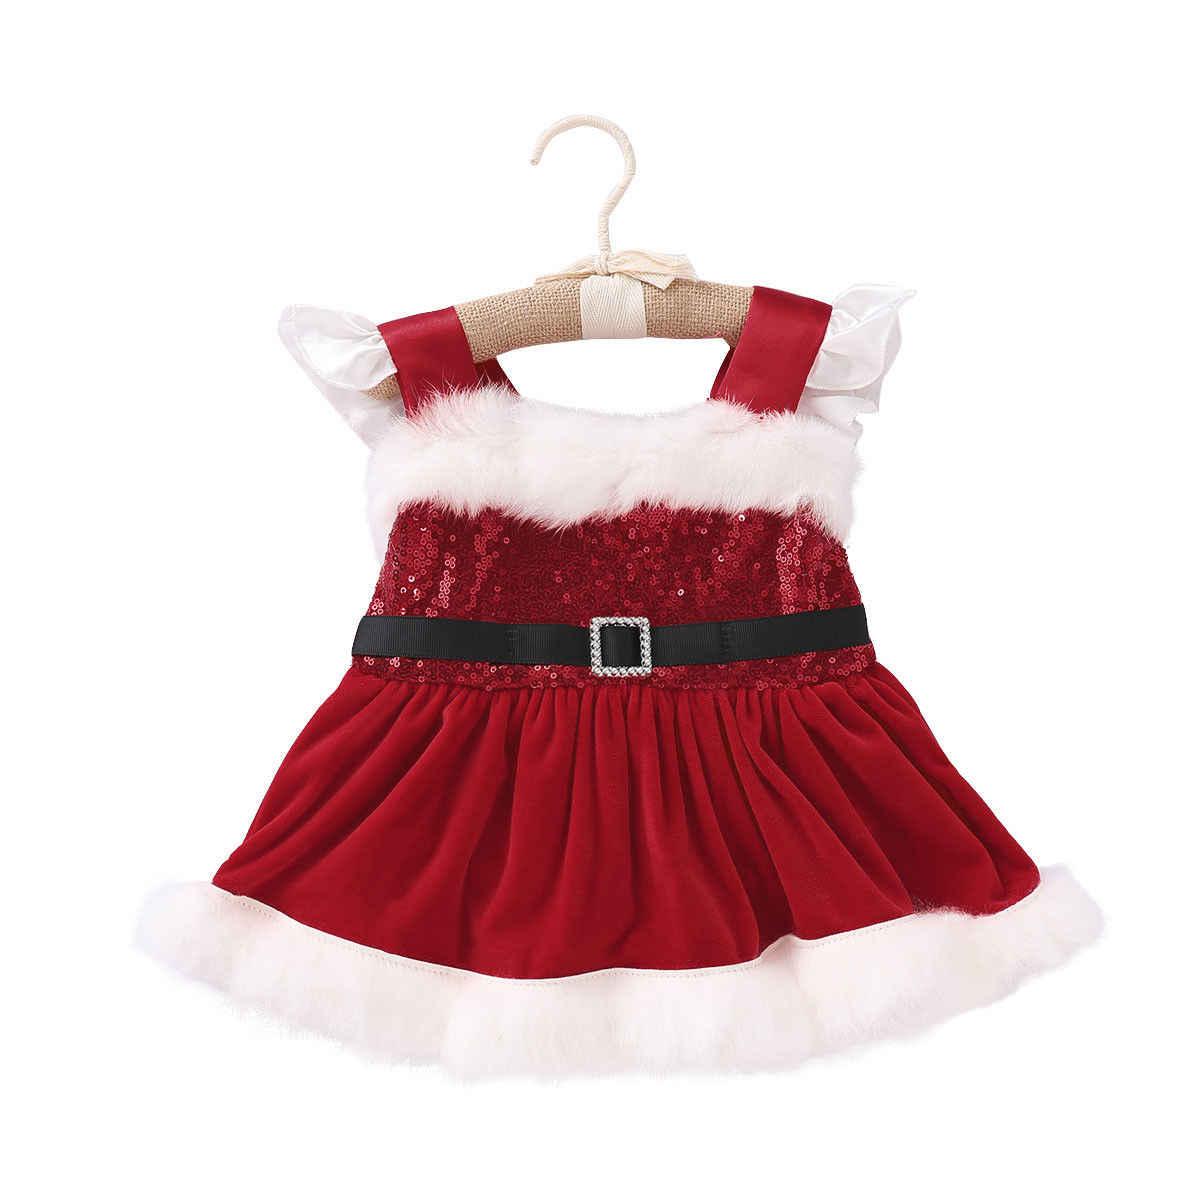 Рождественский ремень с блестками для новорожденных девочек, пушистая пачка, Красный милый комбинезон без рукавов, Рождественская одежда для маленьких девочек